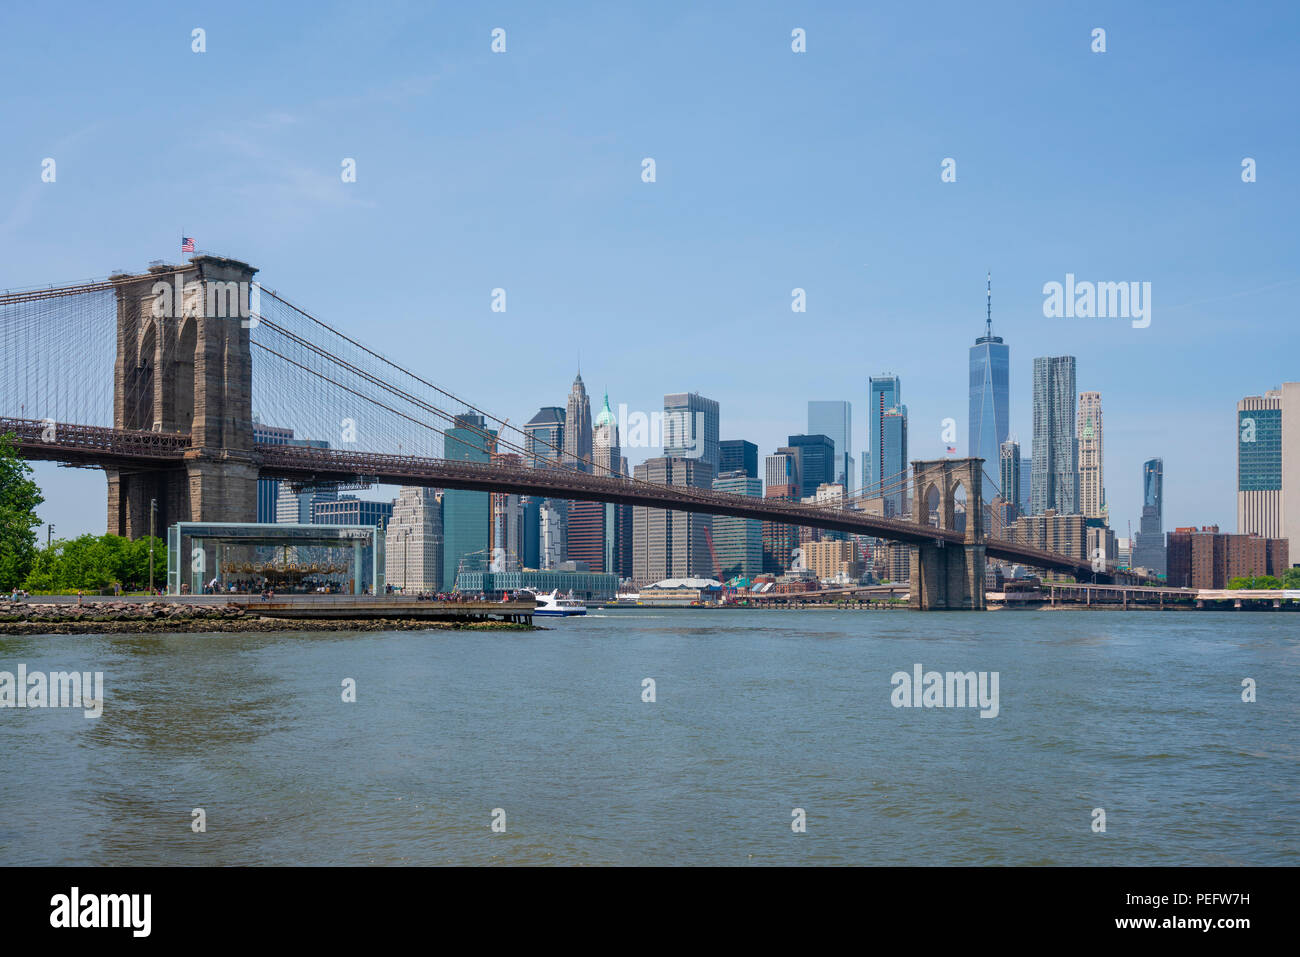 Skyline di Manhattan e Brooklyn Bridge in ore diurne Immagini Stock